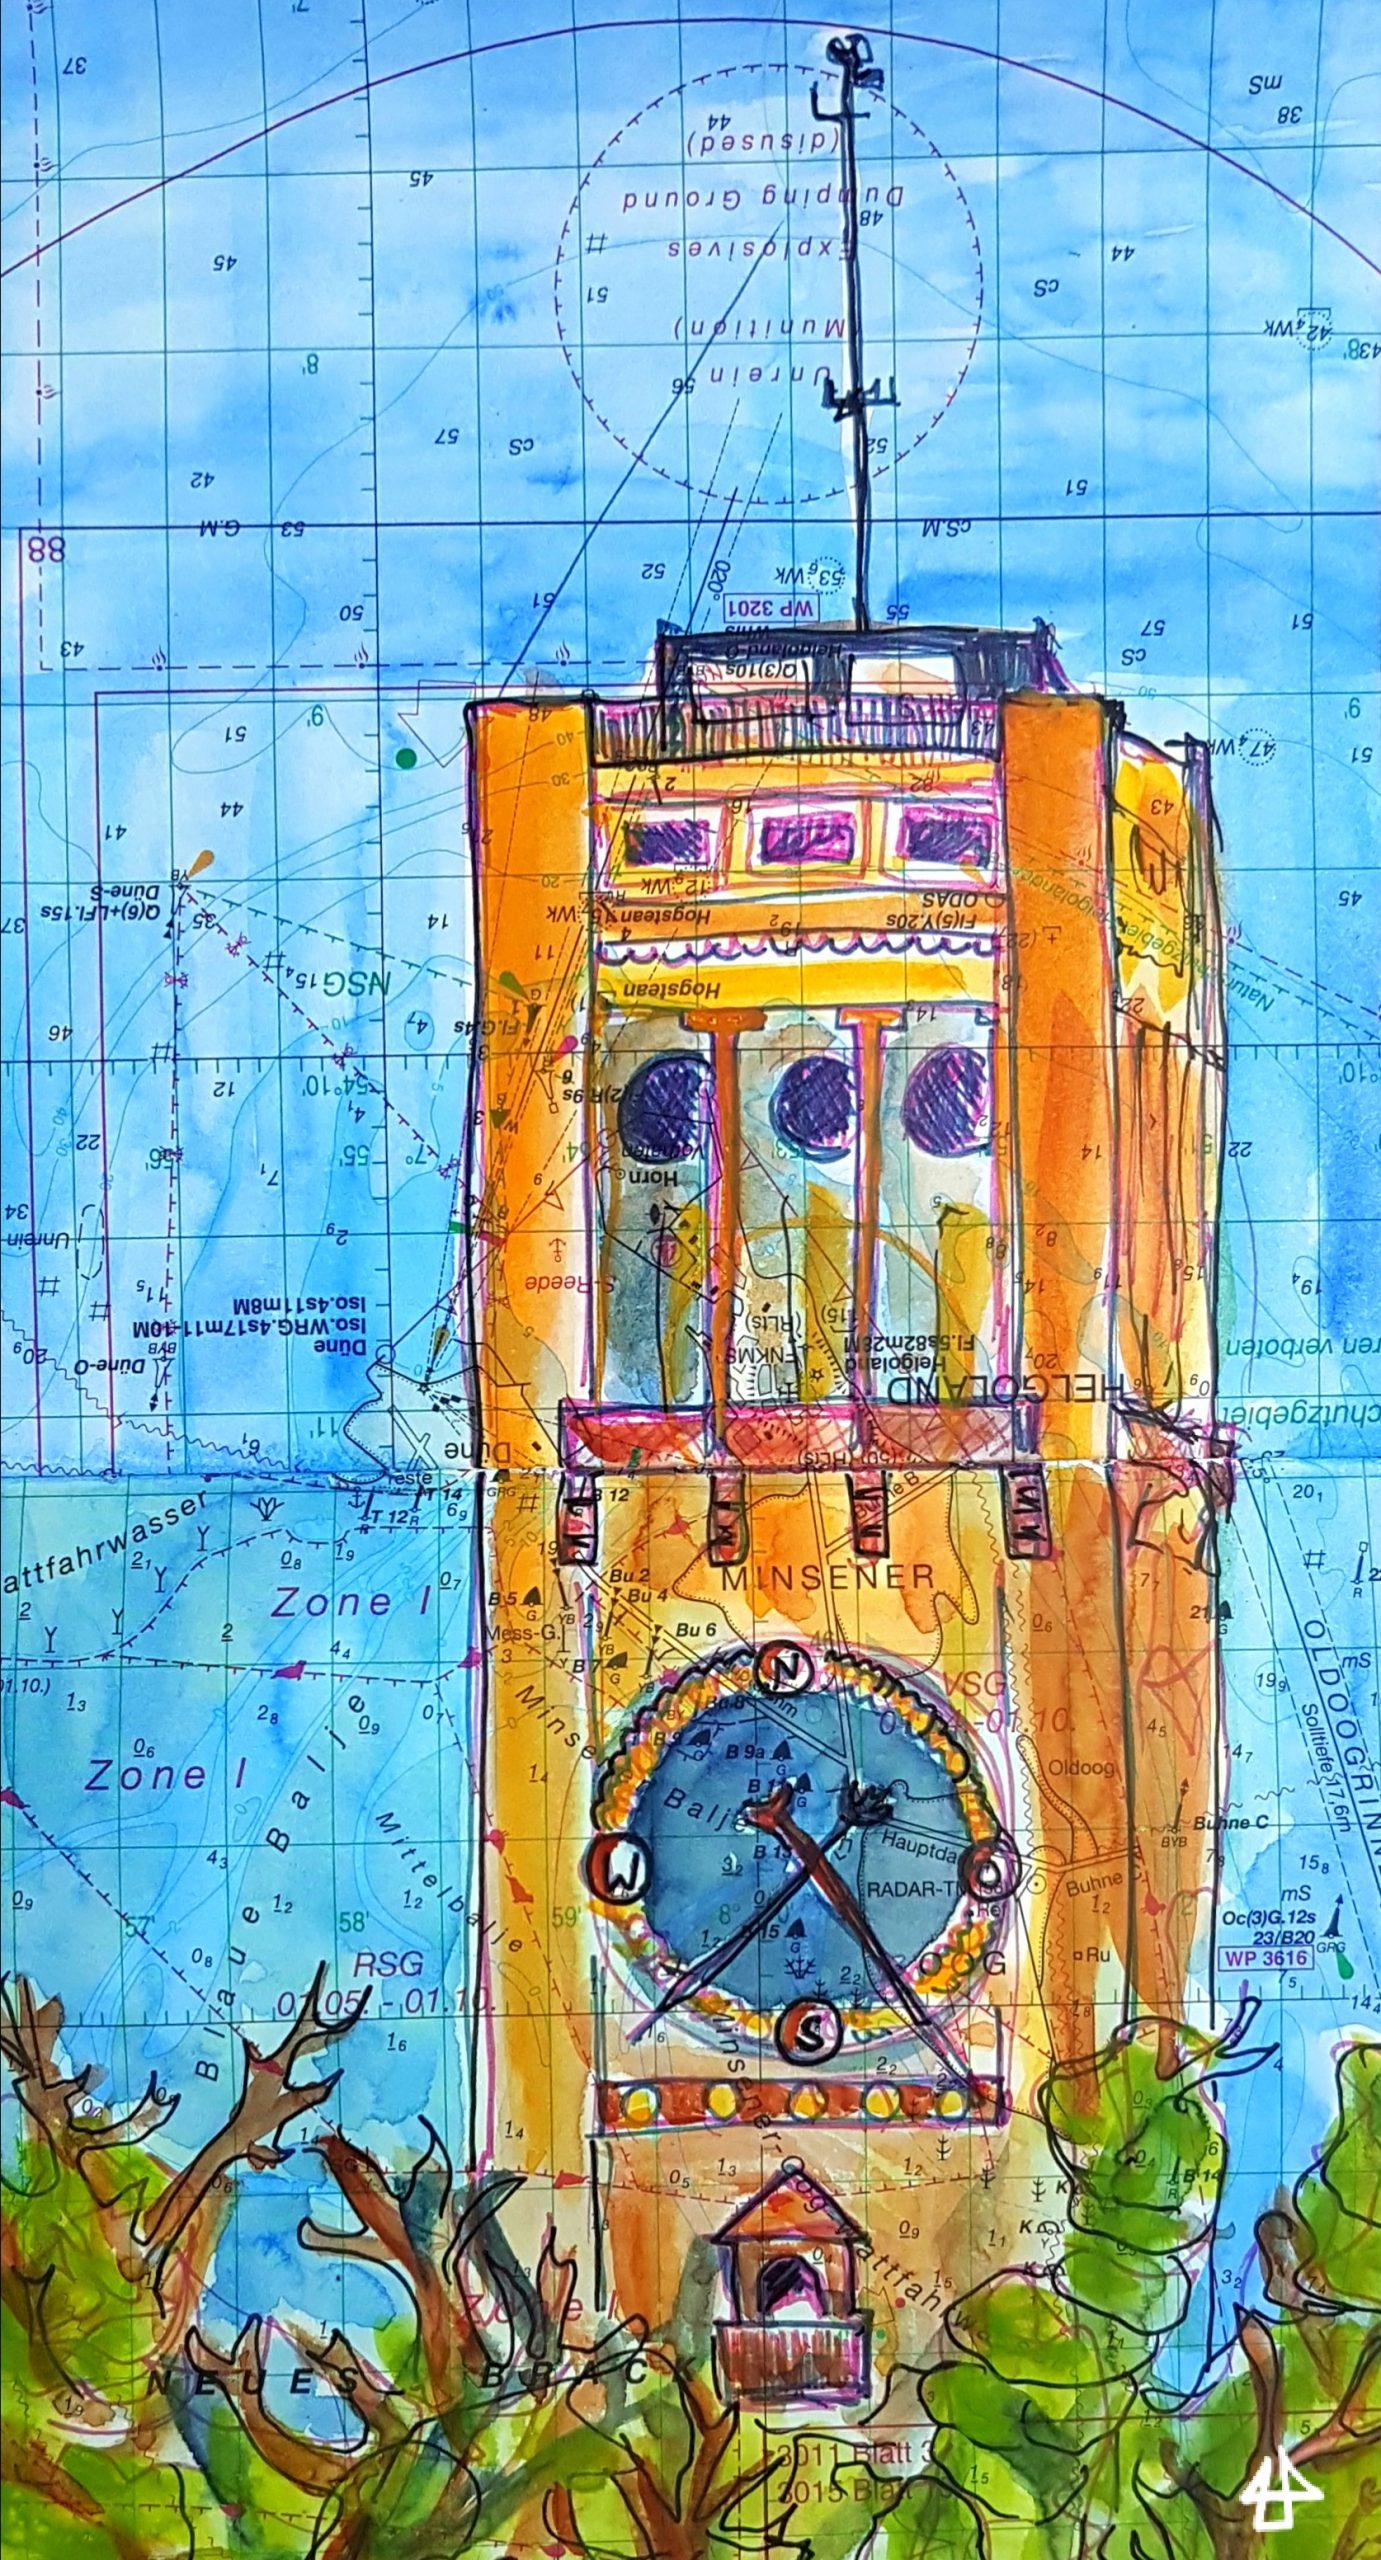 Fineliner-Zeichnung auf alter Seekarte, koloriert mit Aquarellfarbe.  Der Turm des Museums mit Säulen und einer großen runden Anzeige der Windrichtung markiert mit den Himmelrichtungen, davor Baumwipfel.